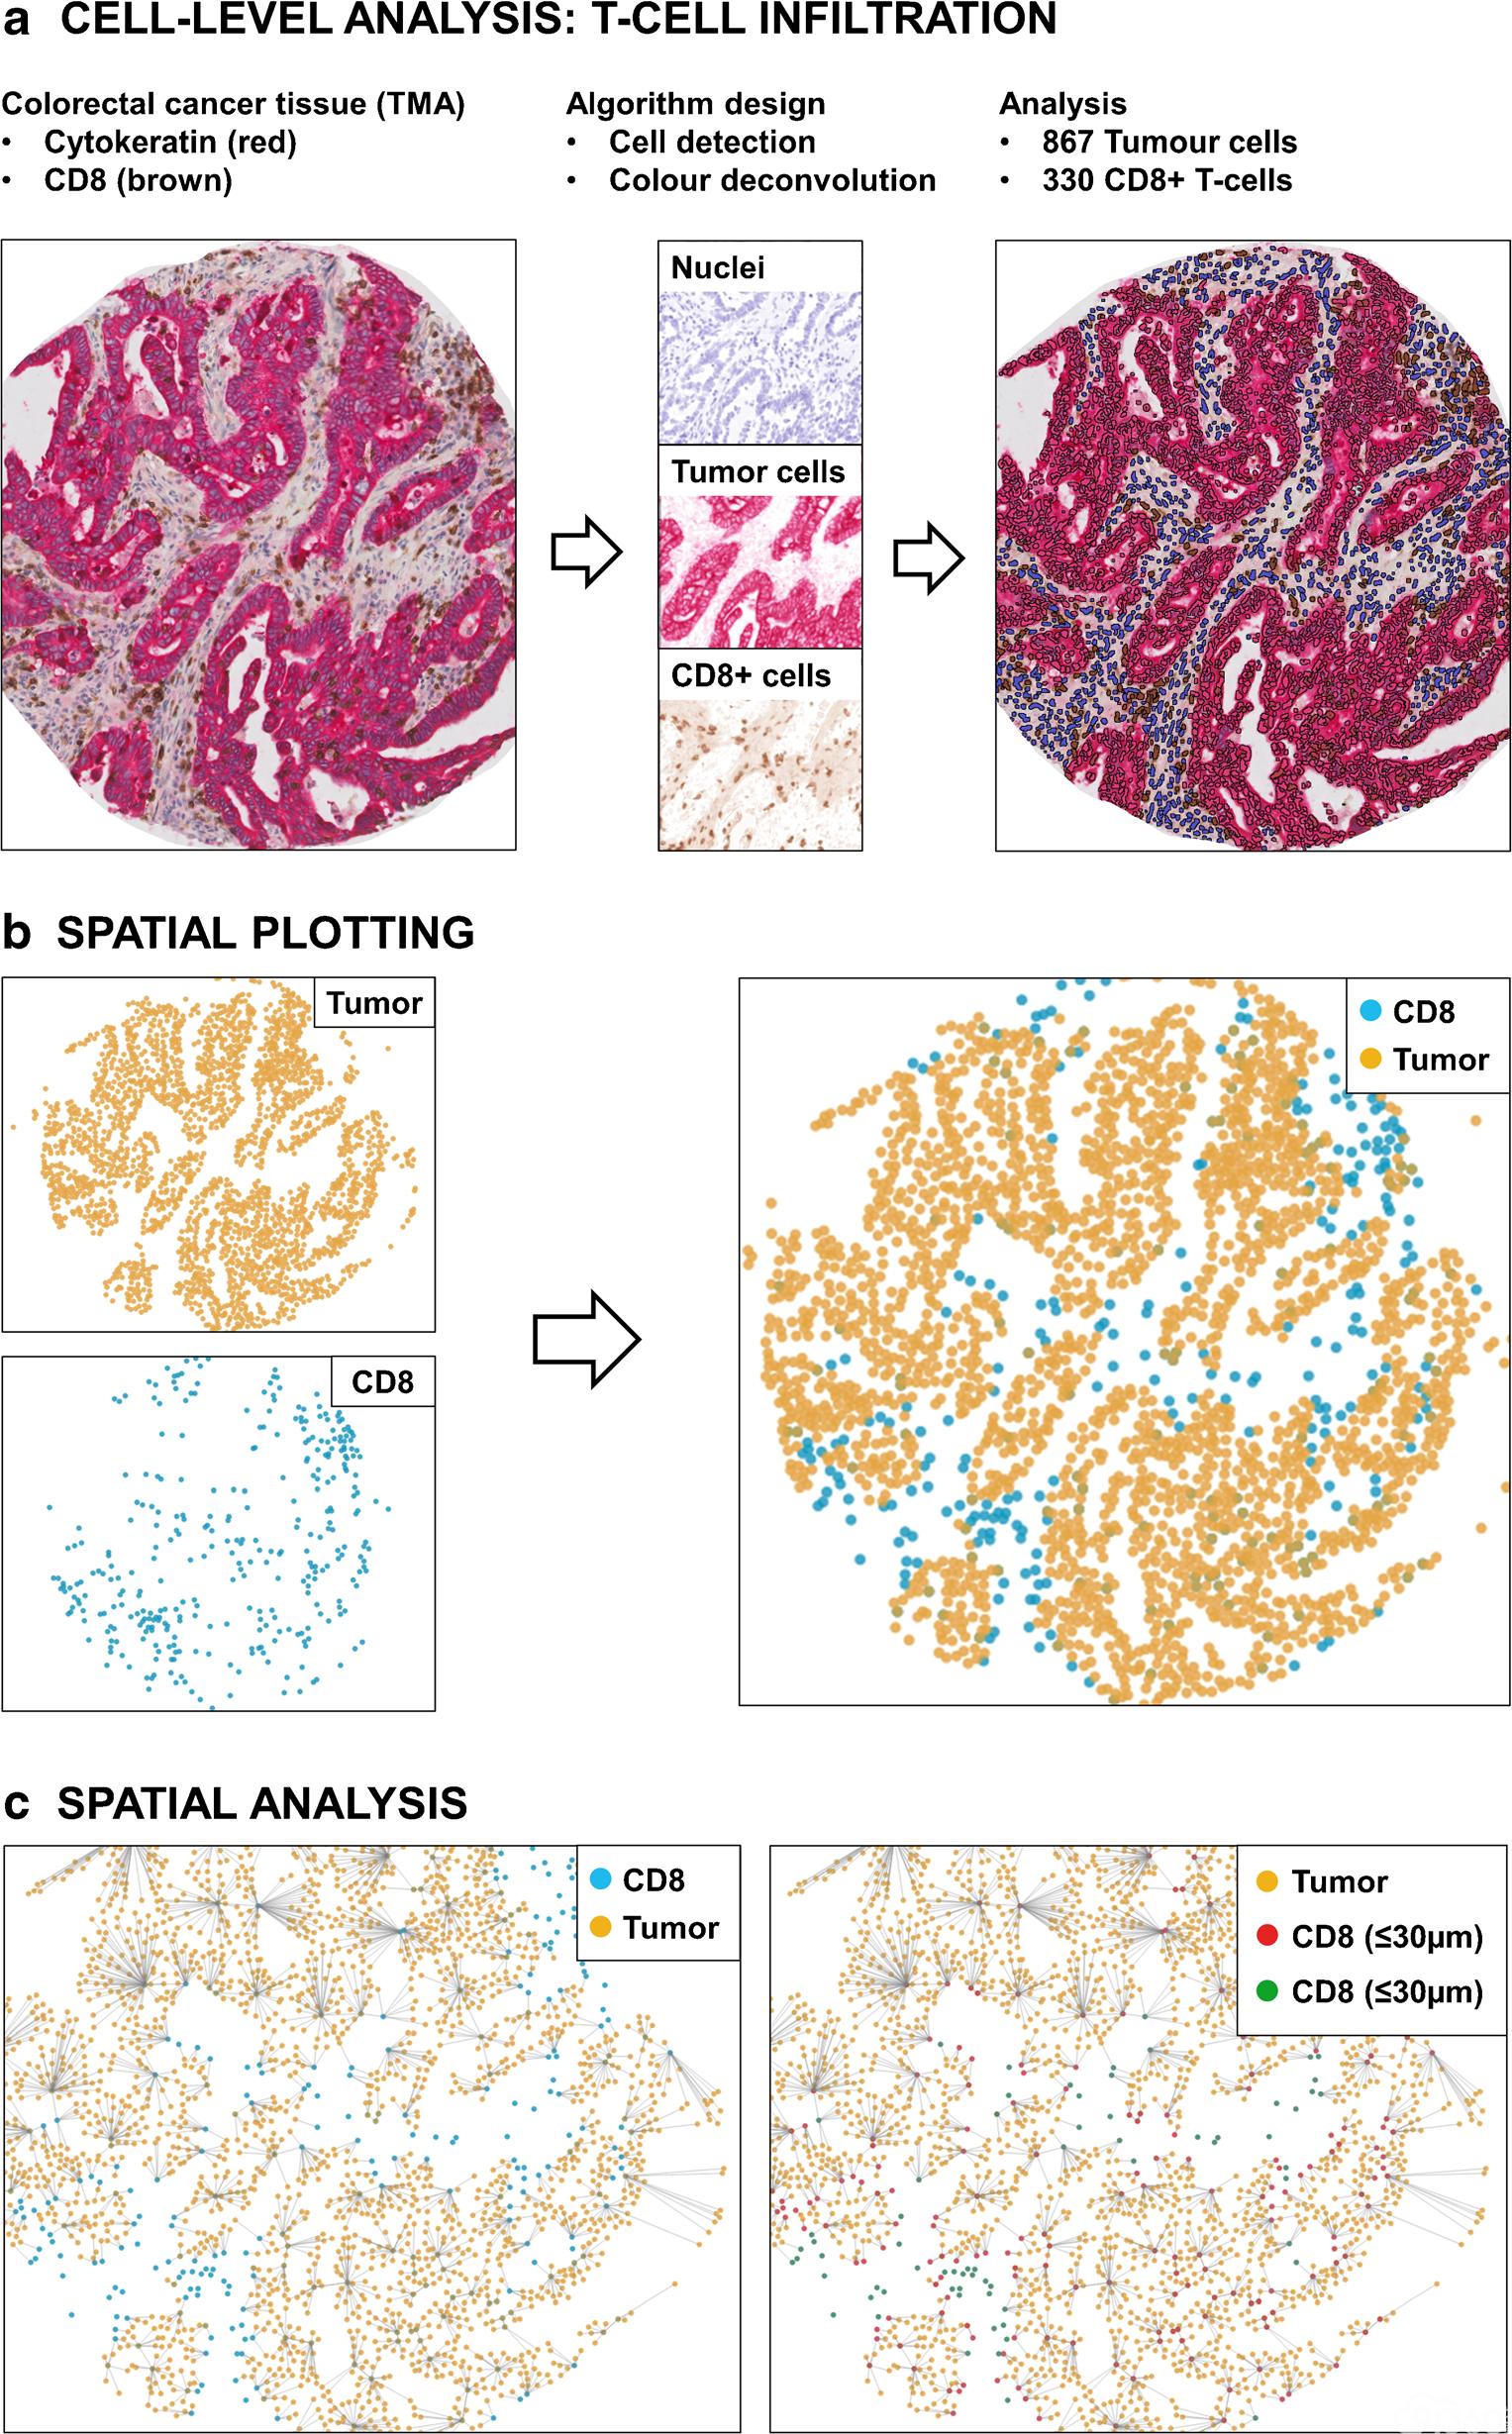 应用图像分析和人工智能进行精准免疫分析